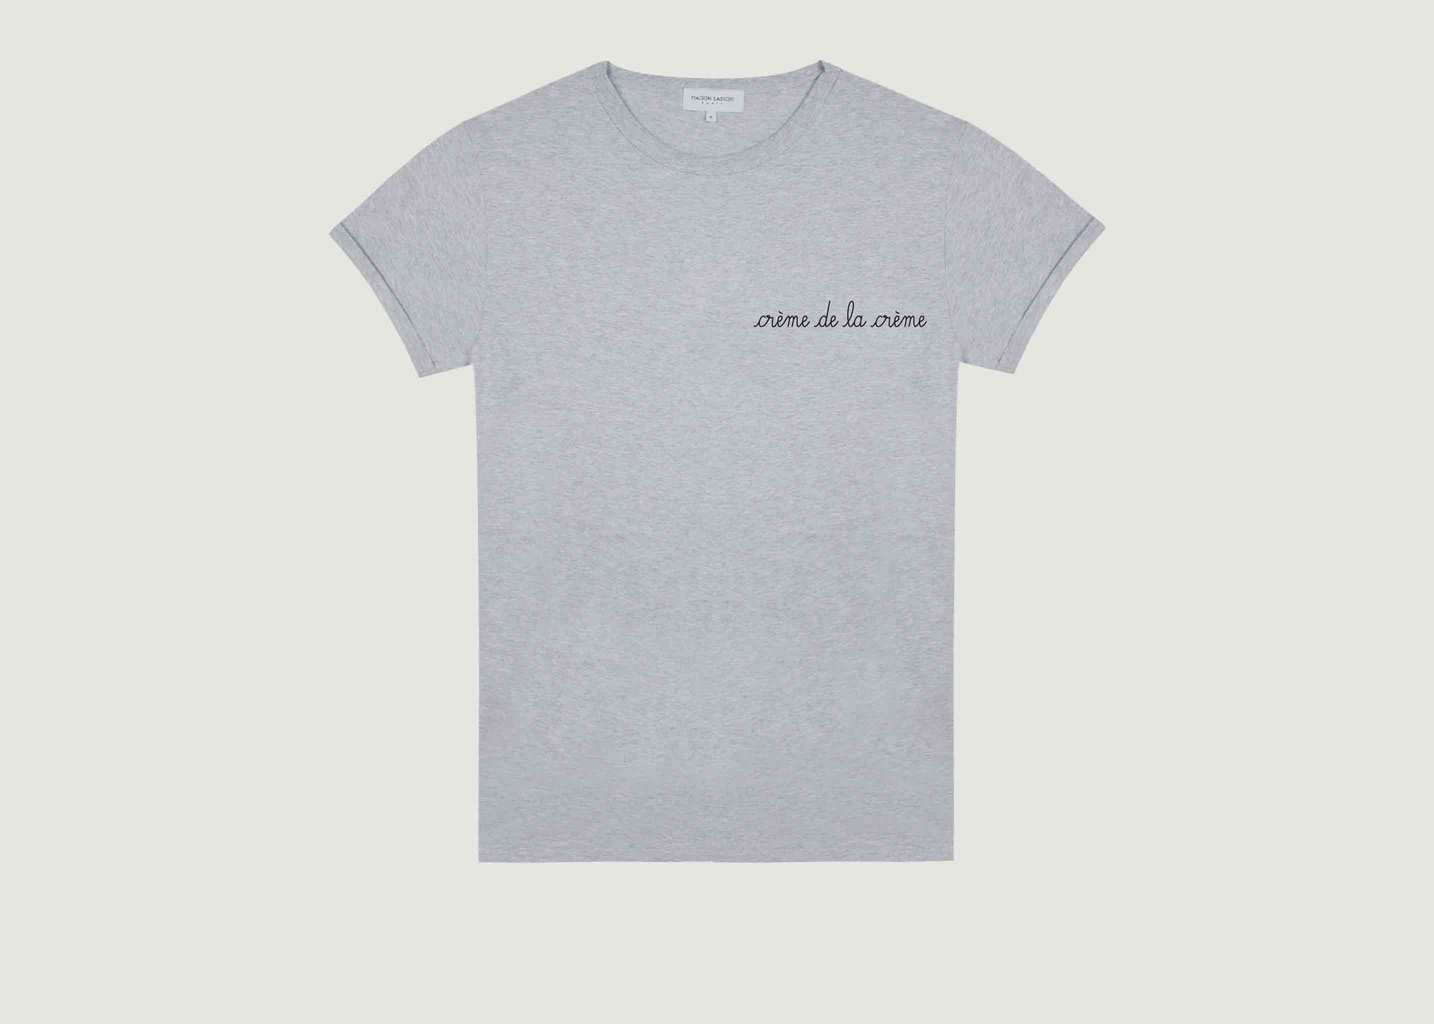 T-shirt Crème de la Crème - Maison Labiche